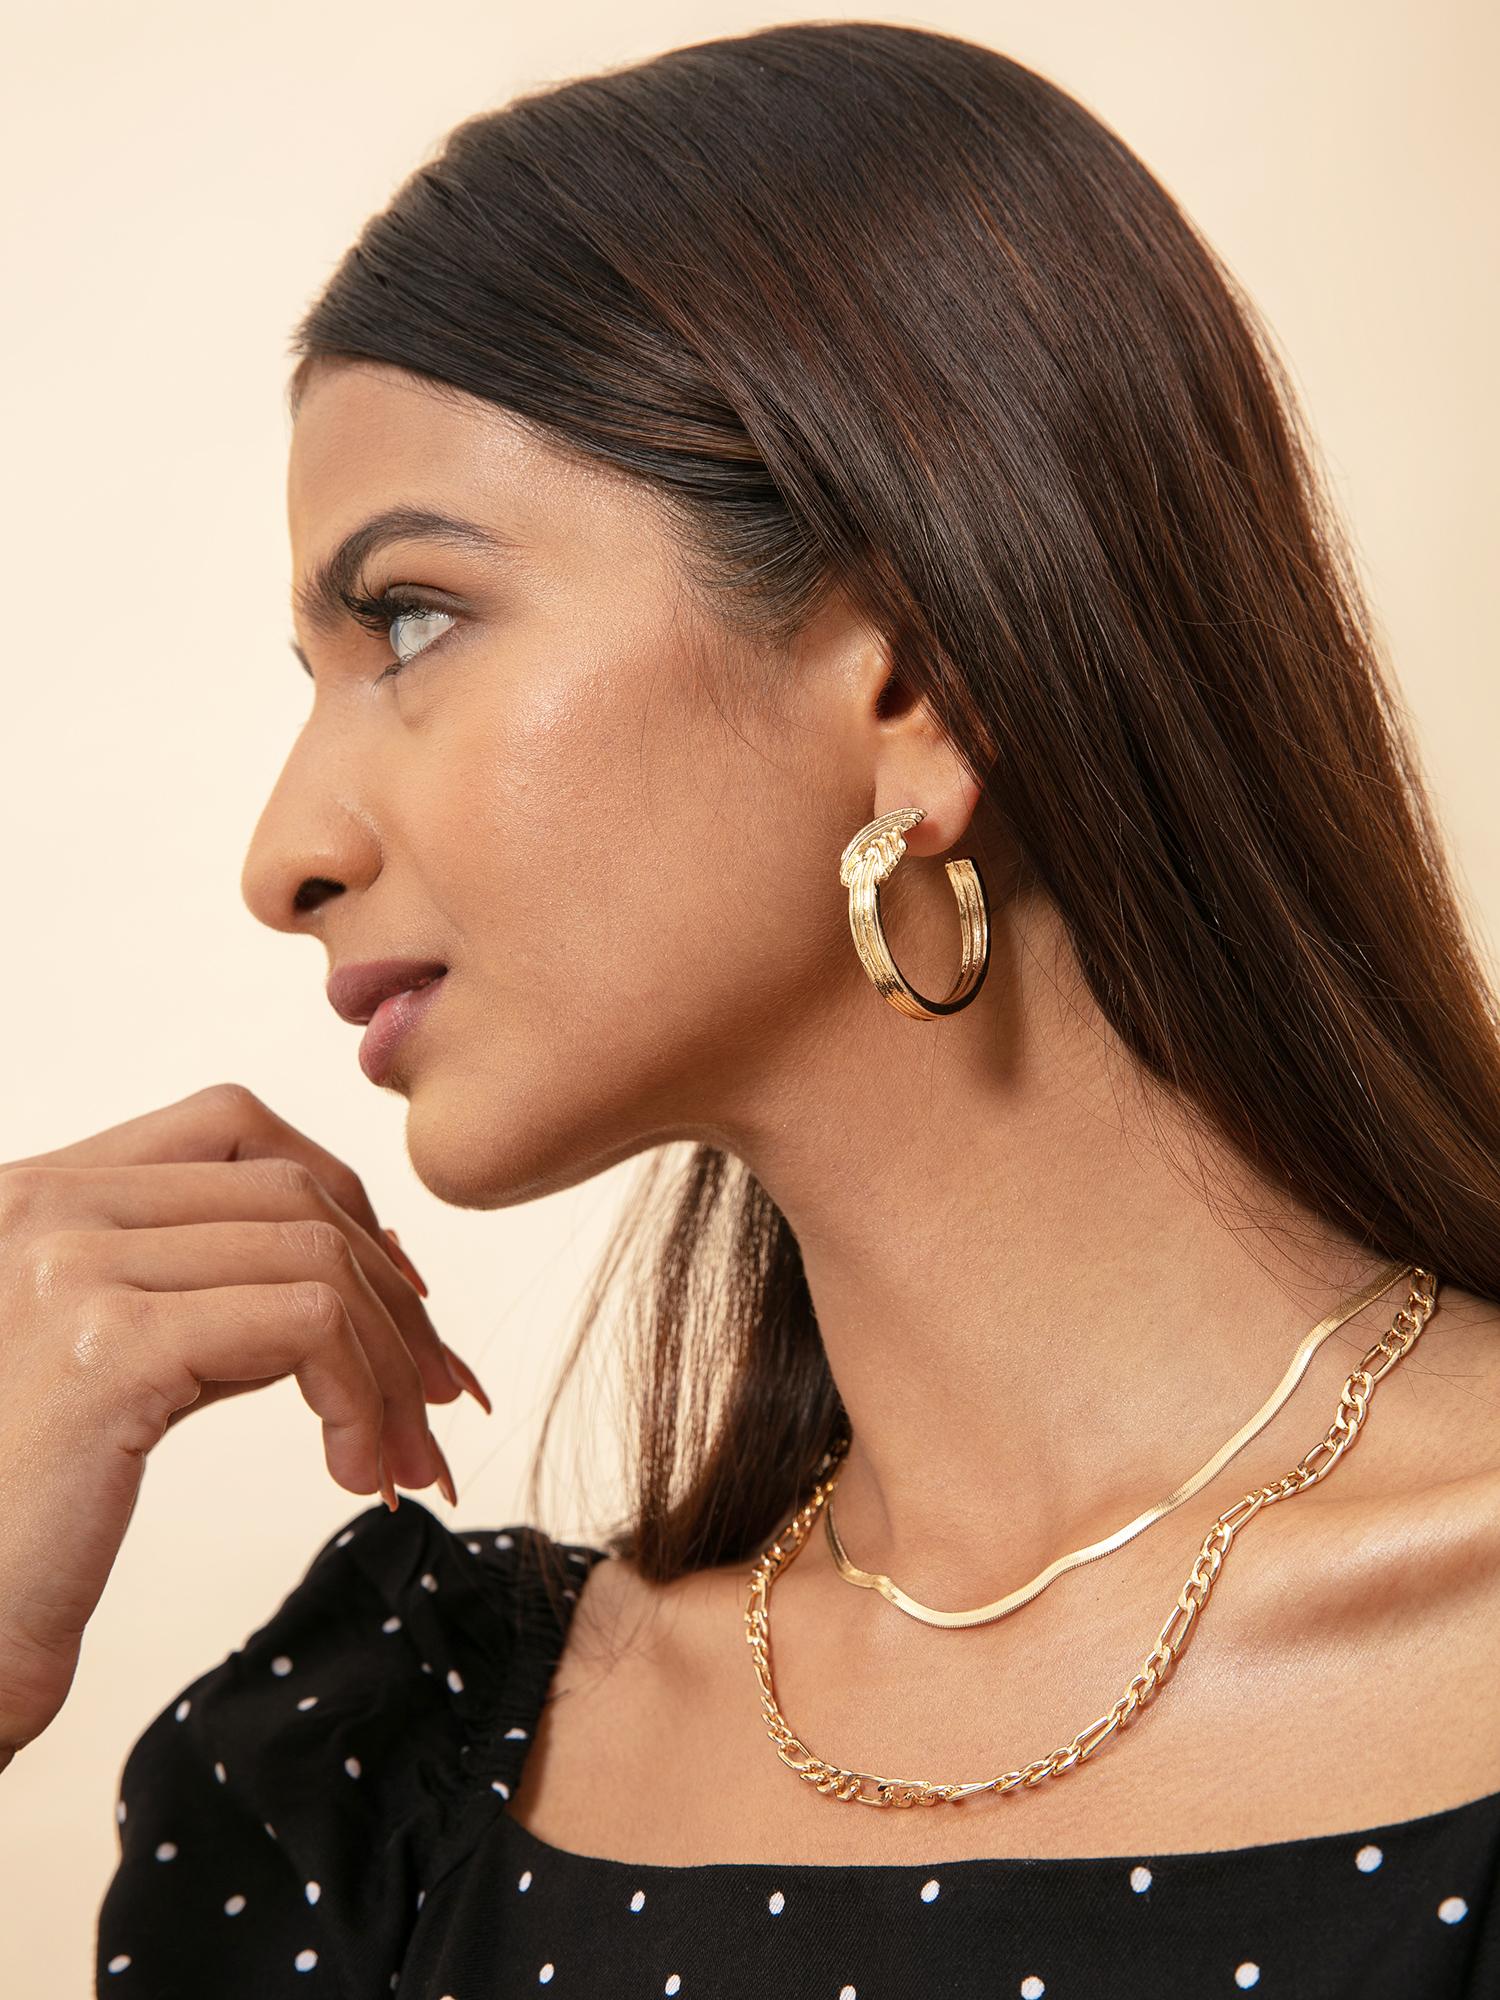 Earrings-Got Your Attention Earrings1